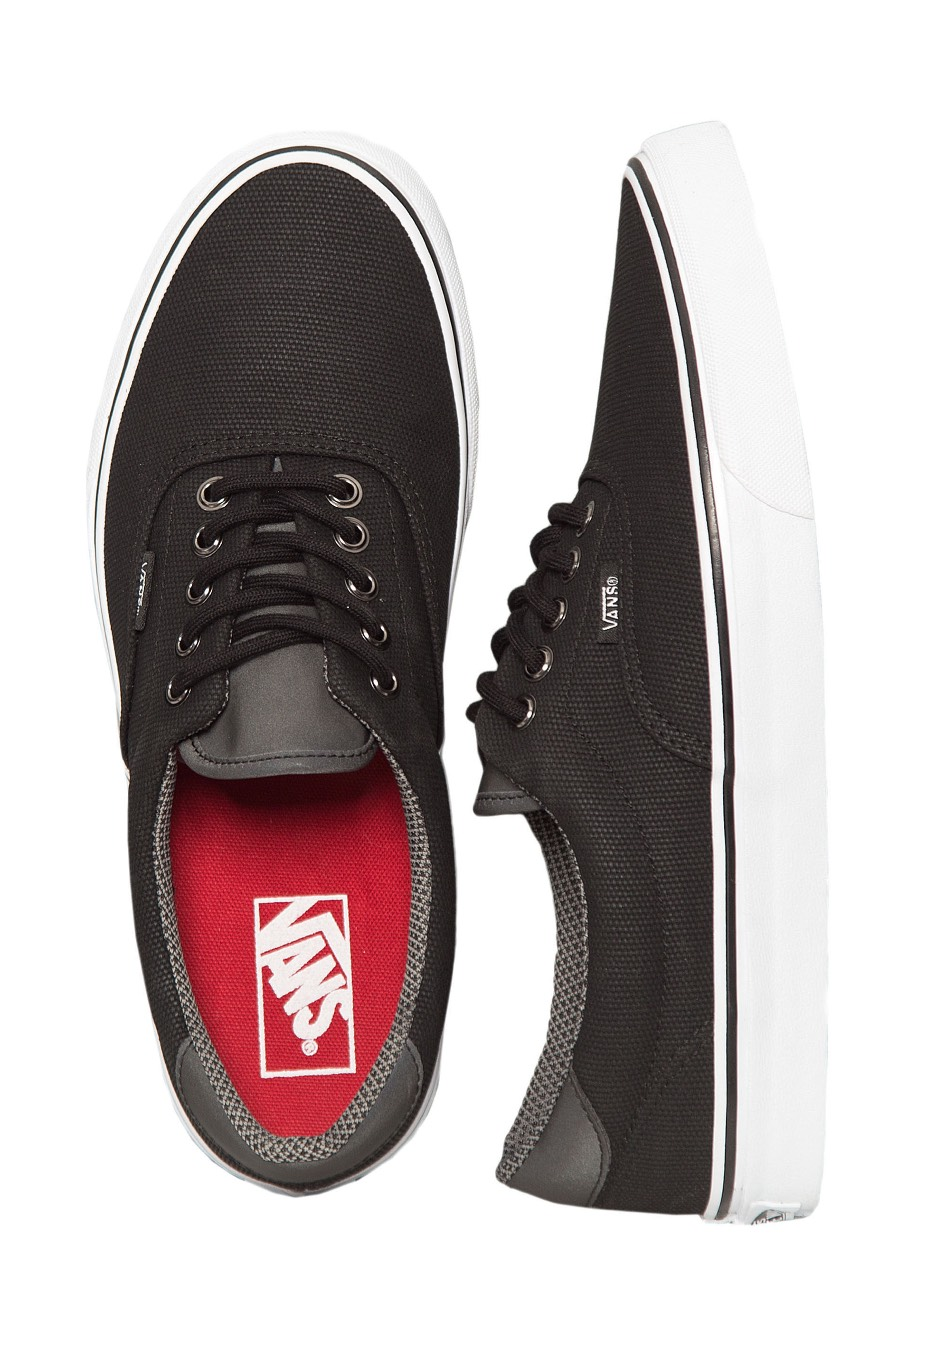 3f0260d225ea4b Vans - Era 59 Reflective - Shoes - Impericon.com UK